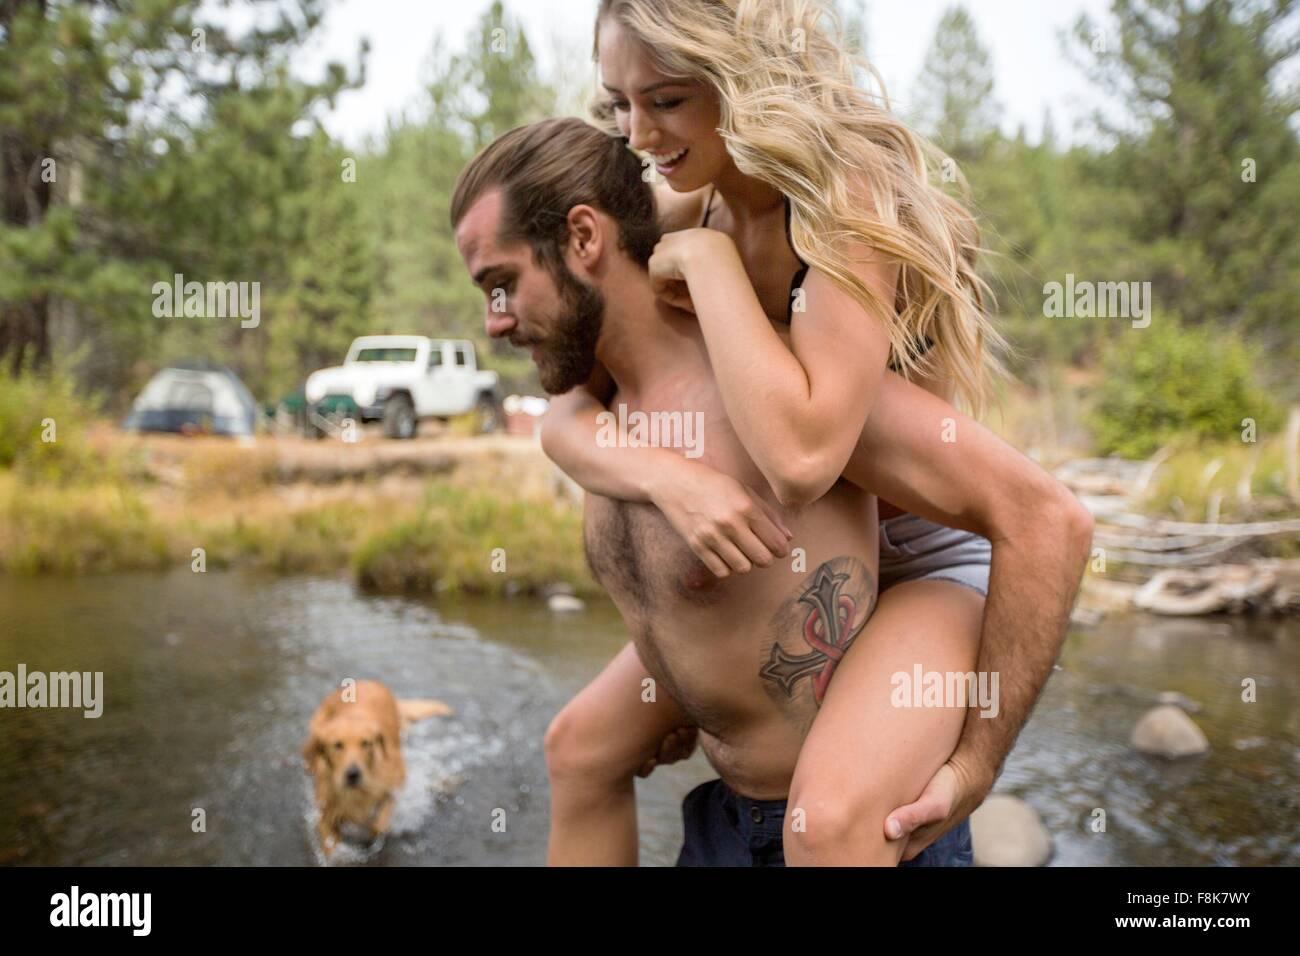 Giovane ragazza dando un piggyback Varcando il fiume, Lake Tahoe, Nevada, STATI UNITI D'AMERICA Foto Stock